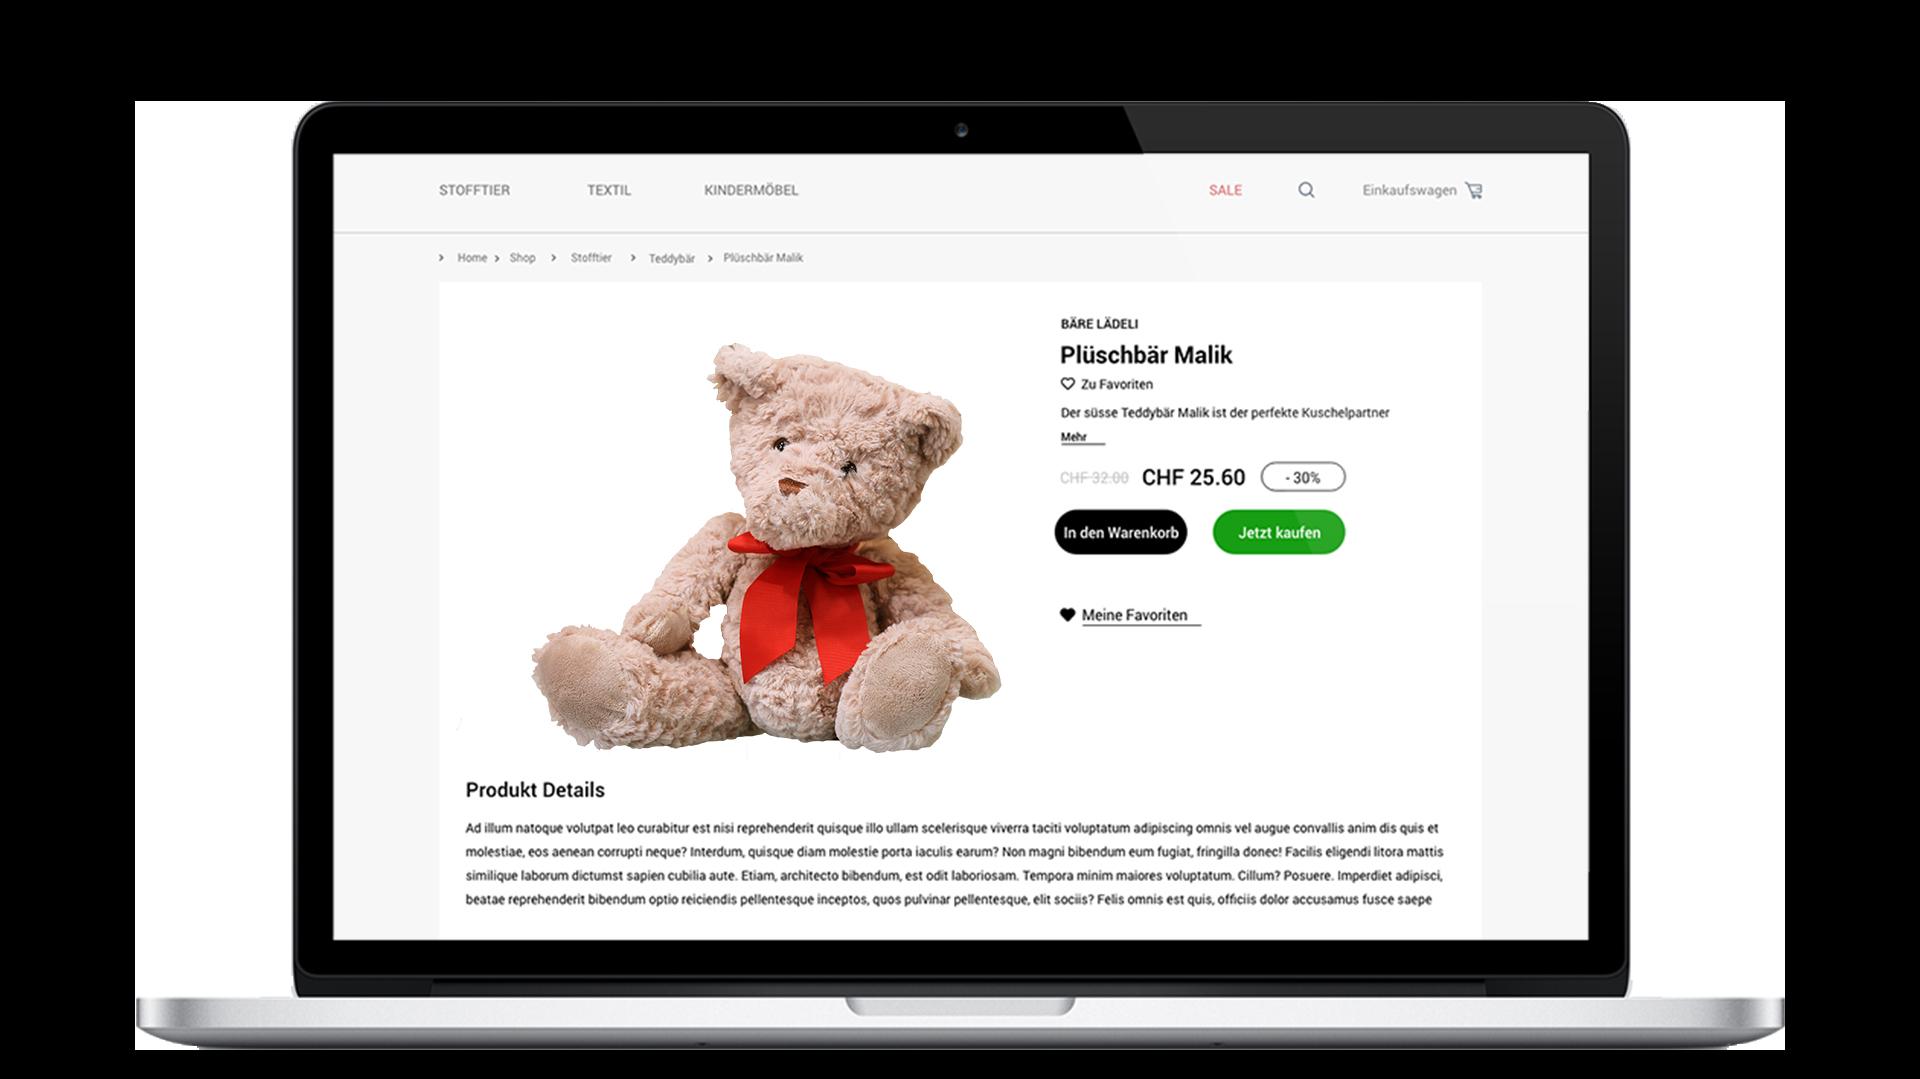 Onlineshop Produktseite mit braunem Teddy - Website Leasing für KMU und Selbstständige in der Schweiz